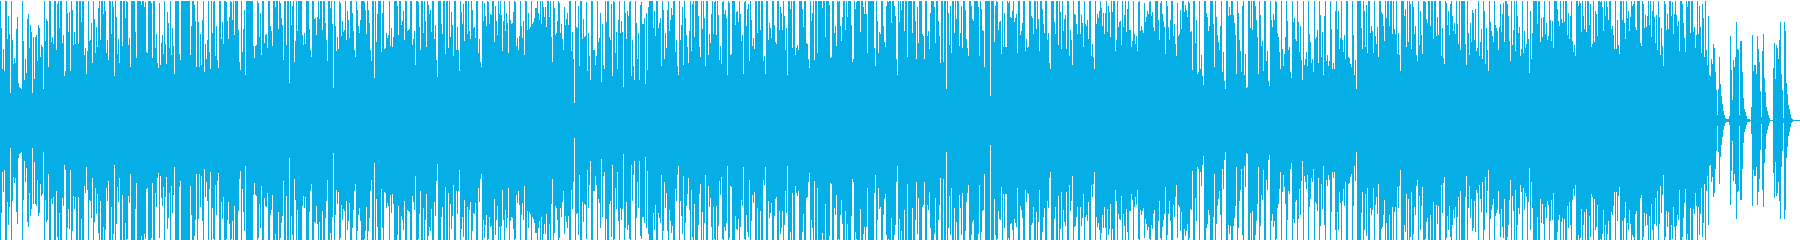 テナーサックス、アルトサックス、ト...の再生済みの波形